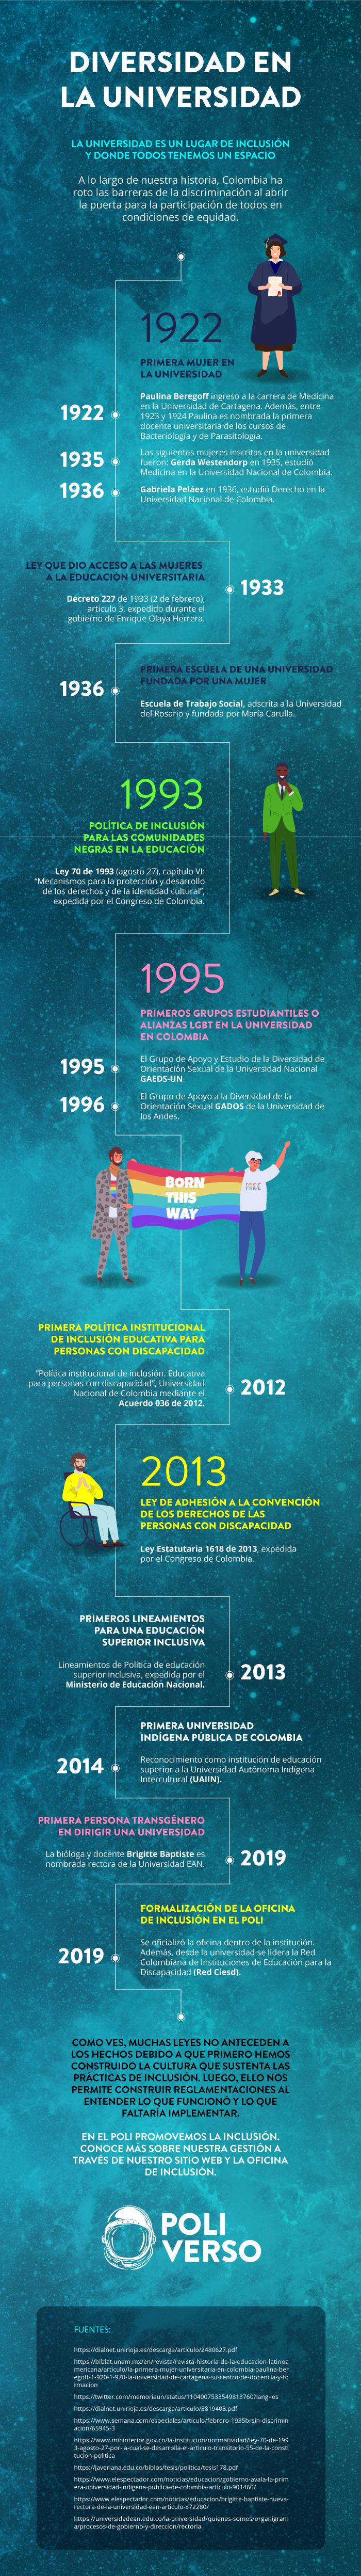 Infografía Diversidad en la Universidad - tema de inclusión